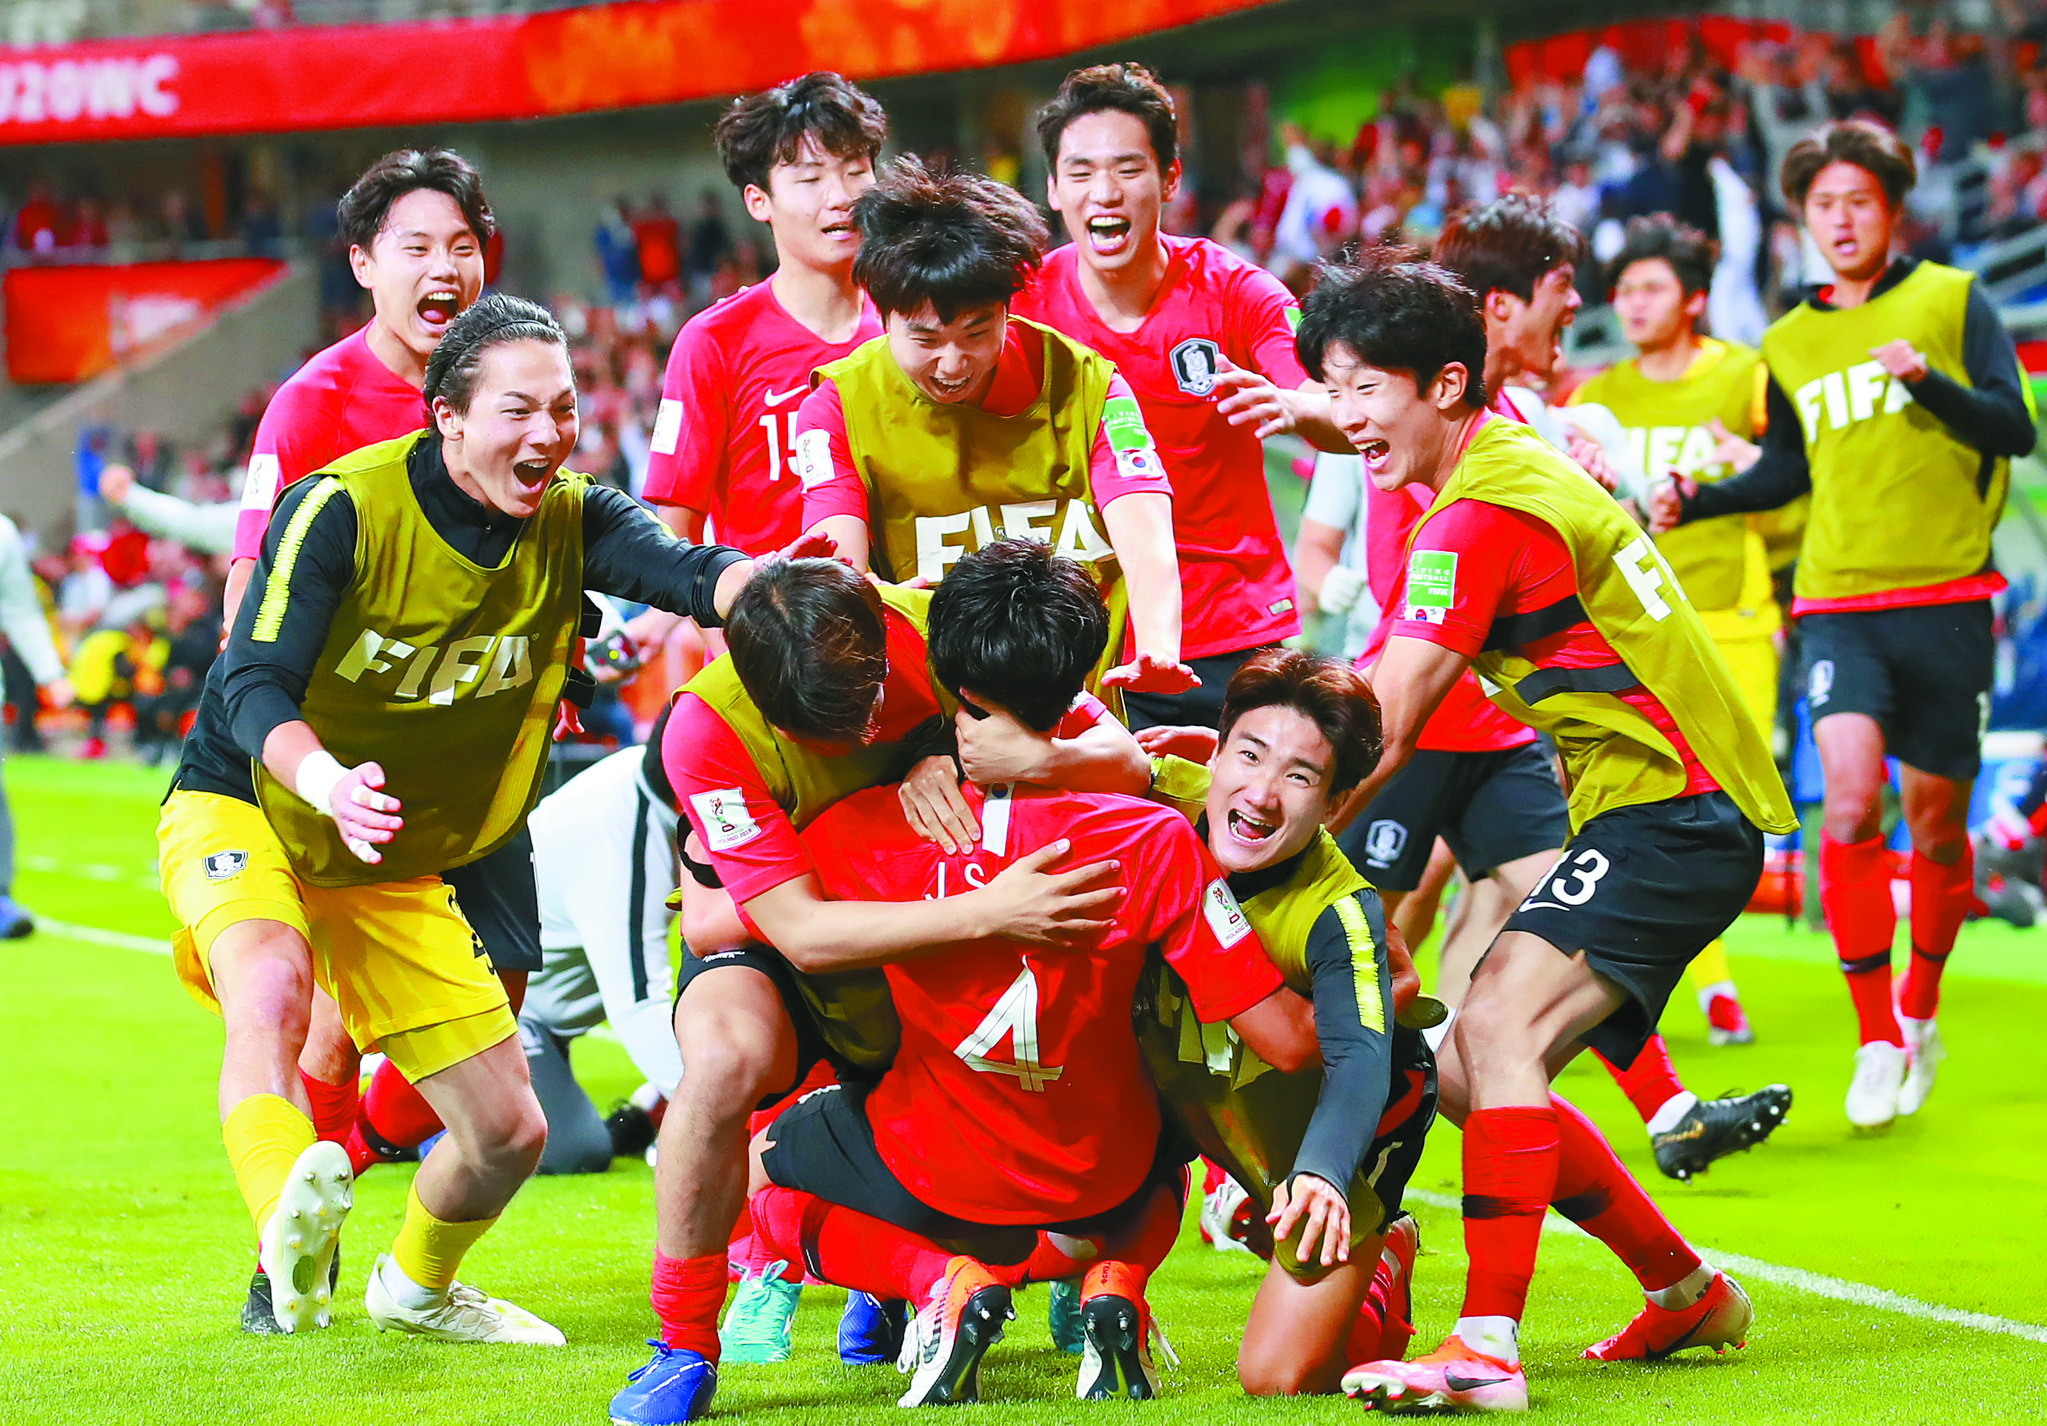 9일 U-20 월드컵 8강 한국과 세네갈전.   후반 추가 시간 이지솔(4번)이 동점 헤딩골을 넣은 뒤 벤치의 선수들과 기쁨을 나누고 있. [연합뉴스]